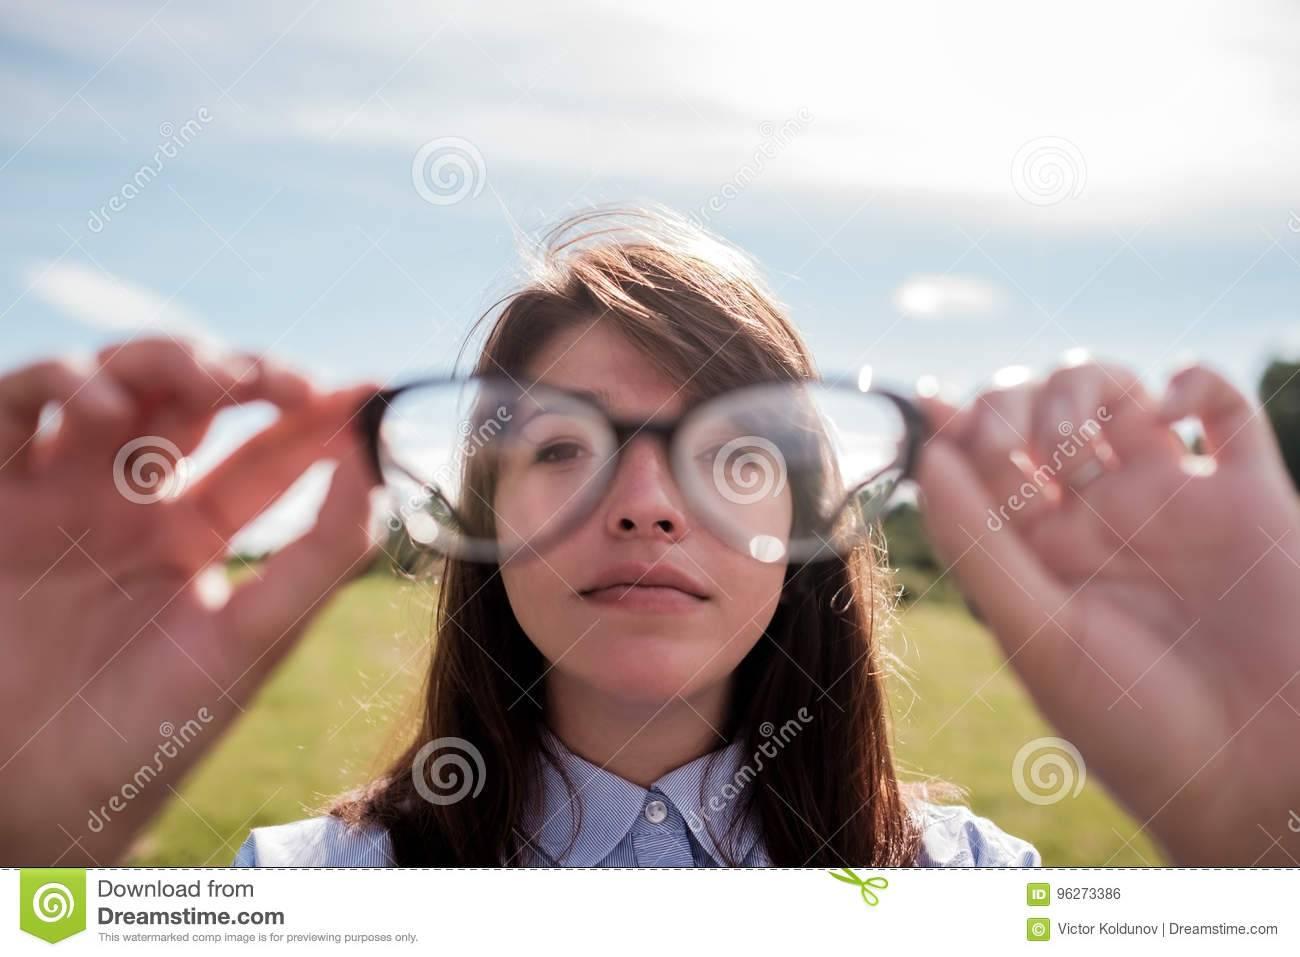 Как видит человек с астигматизмом - много фото